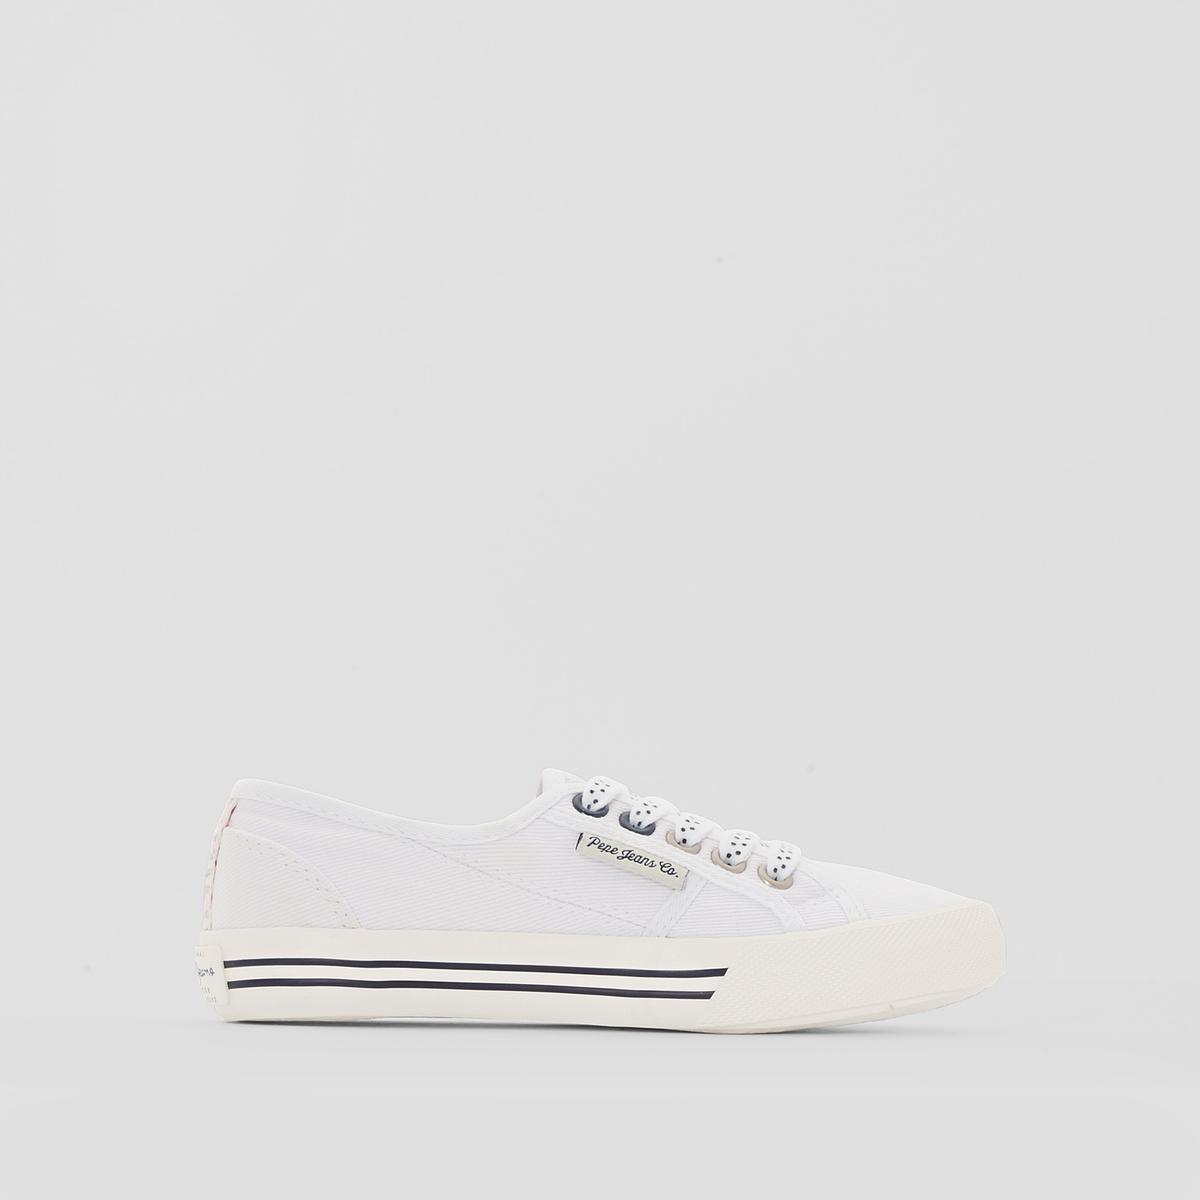 Кеды PEPE JEANS BAKER PLAINВ известном британском стиле, всегда на пике моды, без лишних деталей, но очень оригинальные, кеды от Pepe Jeans не прекращают поражать своей изысканностью! Доказательством служит эта модель с контрастирующими деталями отделки. Стильная и легкая обувь: отлично подходит для отдыха!<br><br>Цвет: белый<br>Размер: 32